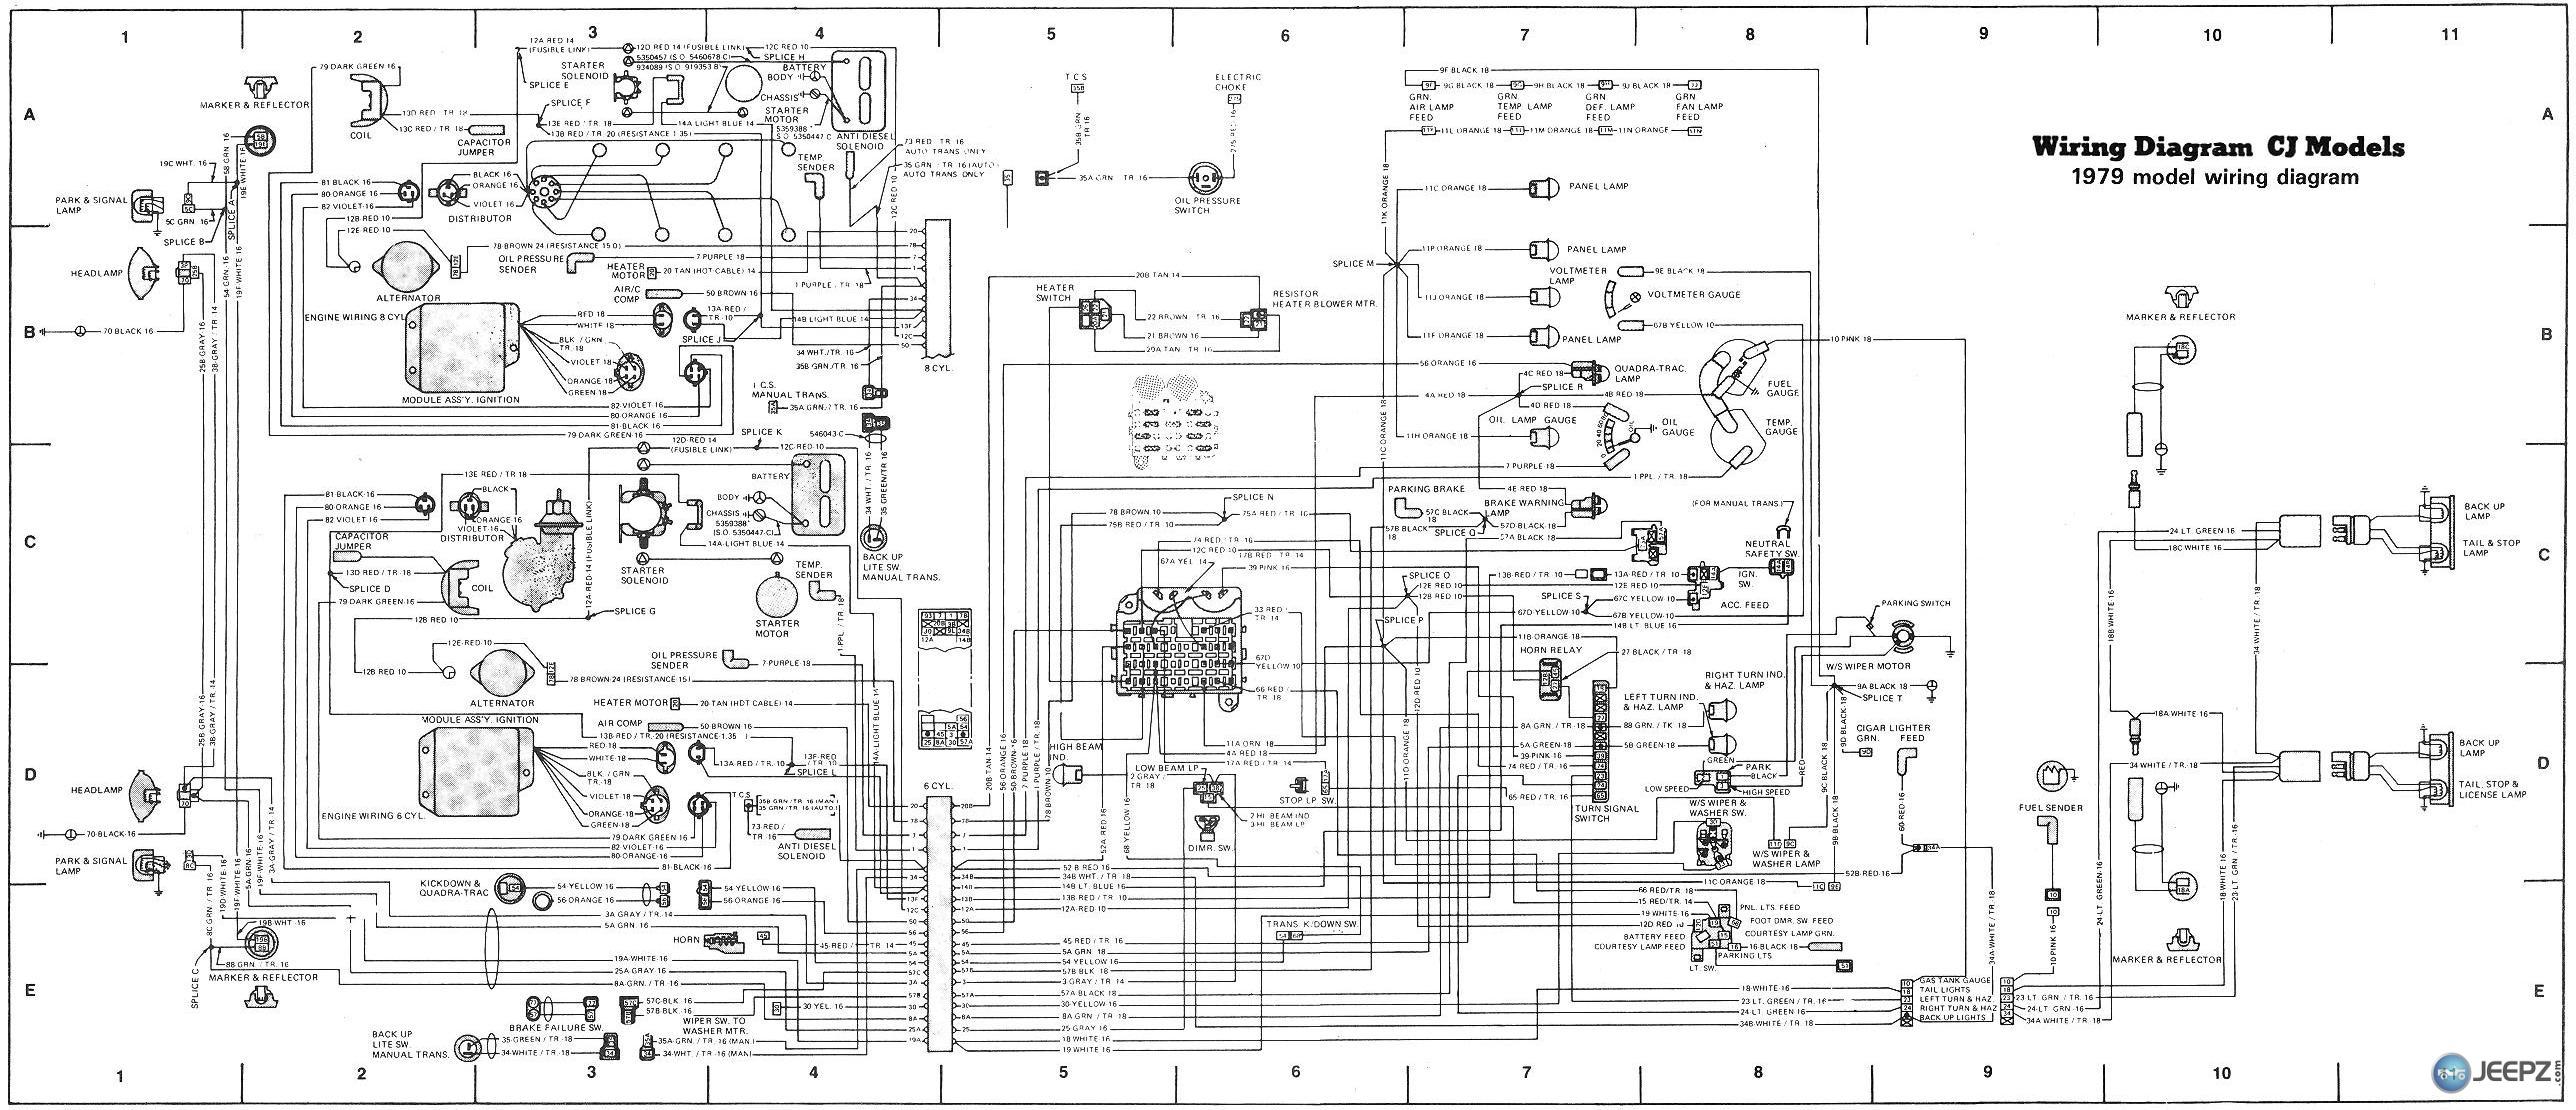 Auto Meter Temperature Gauge Wiring likewise Gauge Root Valve Instrumentation Valve besides Digital Meter Wiring Diagrams as well 36v Meter Wiring Diagram also Electrical. on gauge3